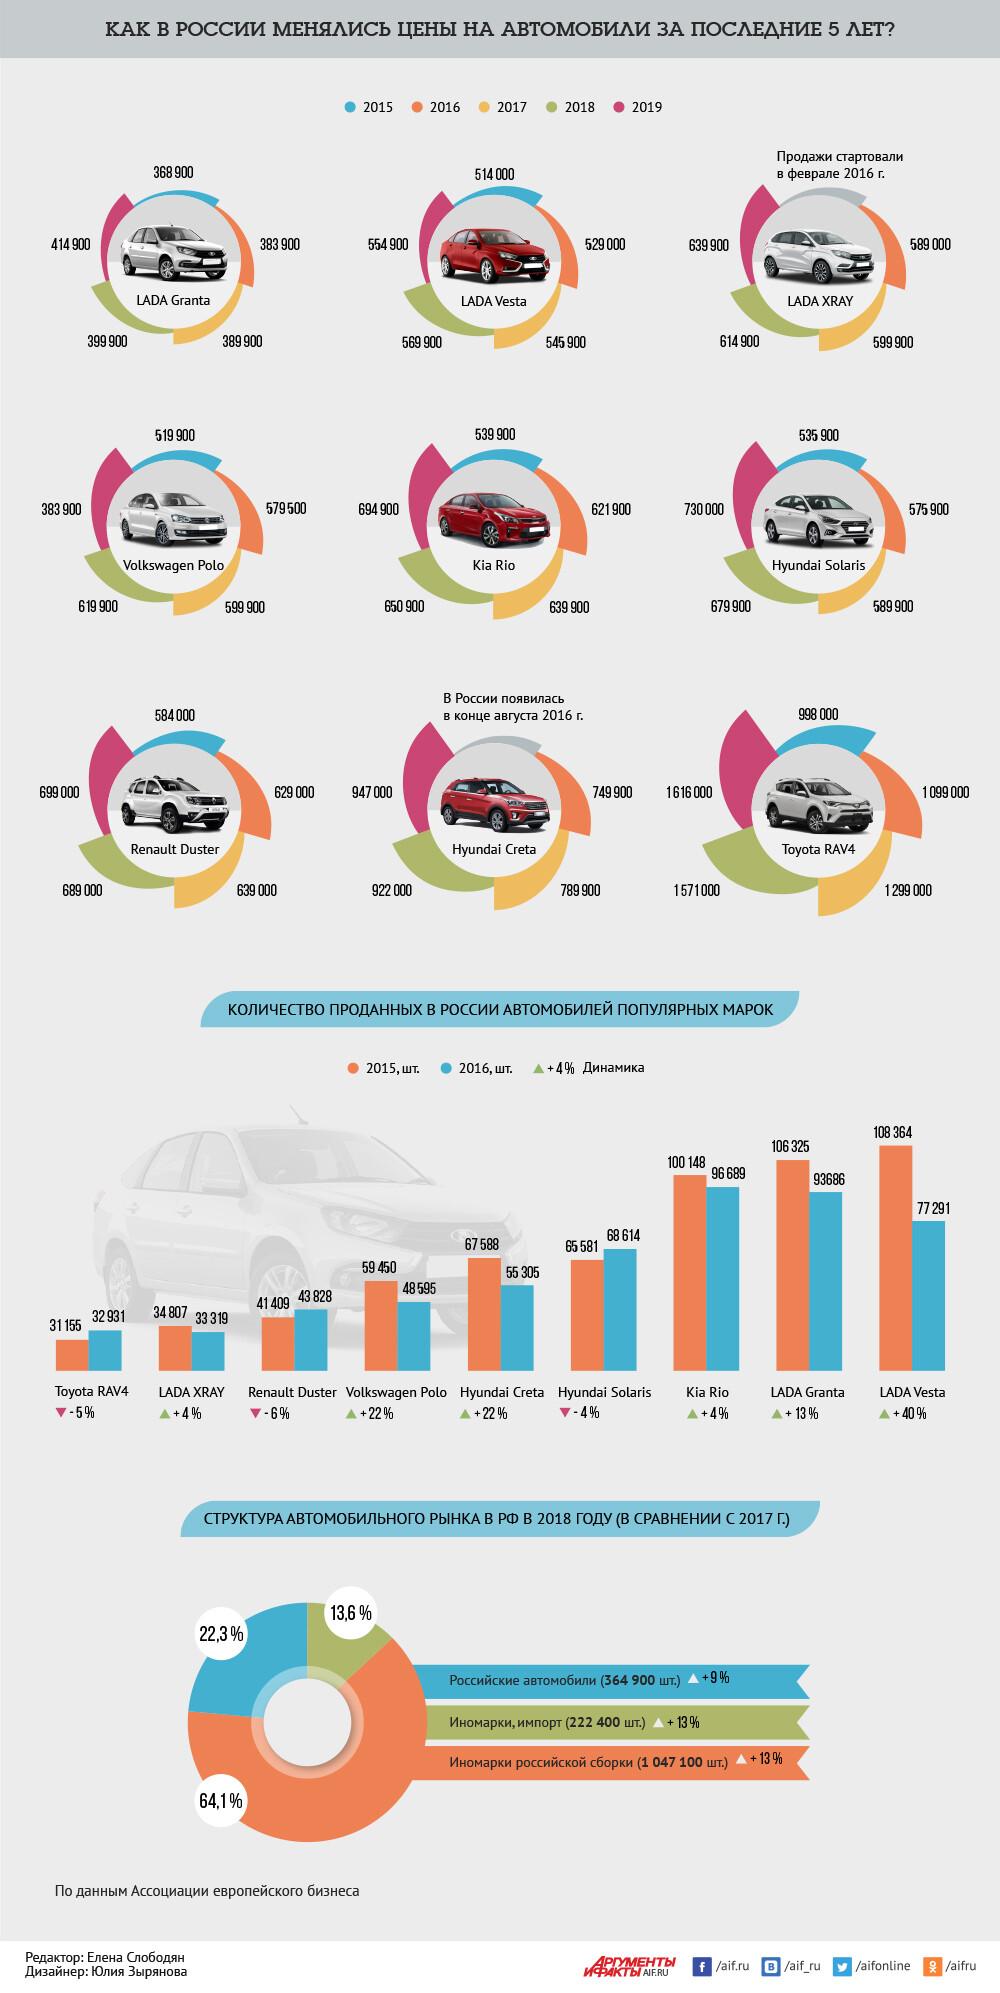 Как в России менялись цены на авто (к тому что все кричат, что подорожали в 2 раза)